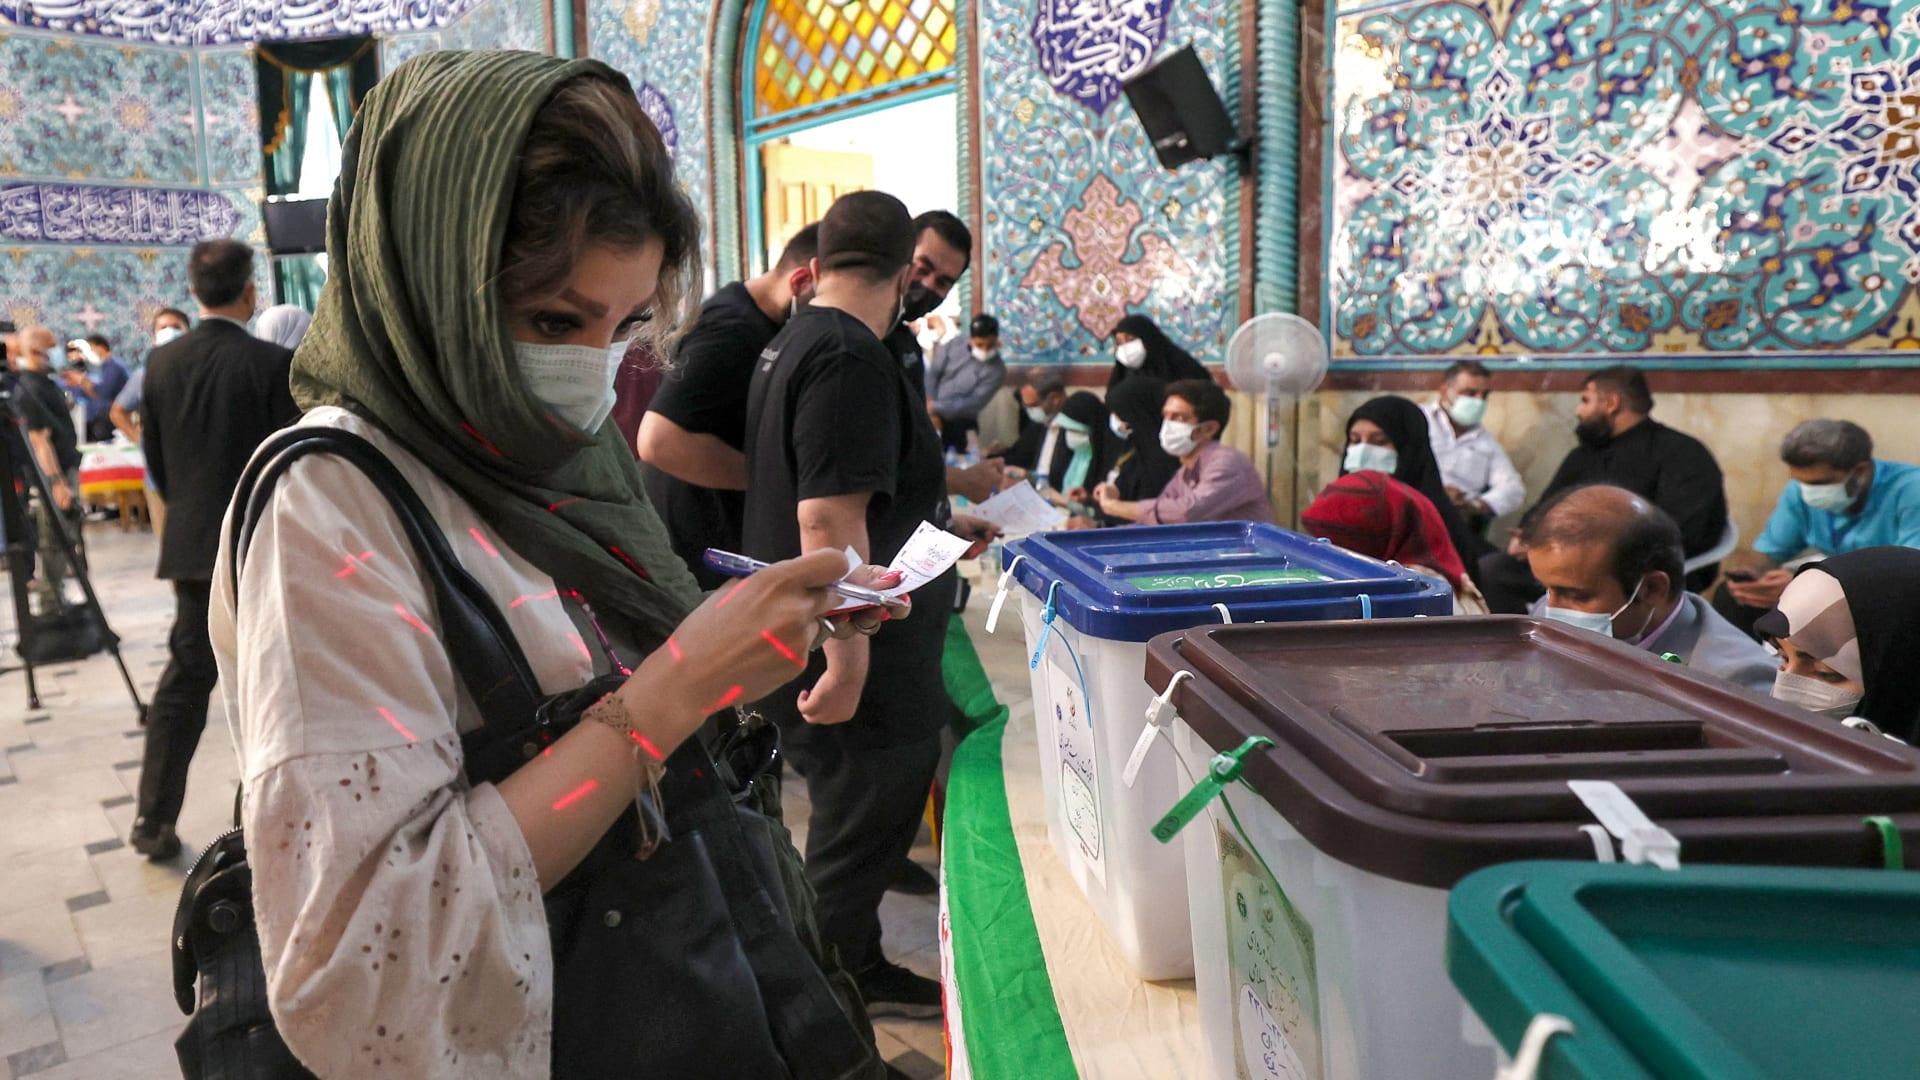 مع اقتراب الحسم.. هل تشهد سياسة إيران تغييرًا جذريًا؟